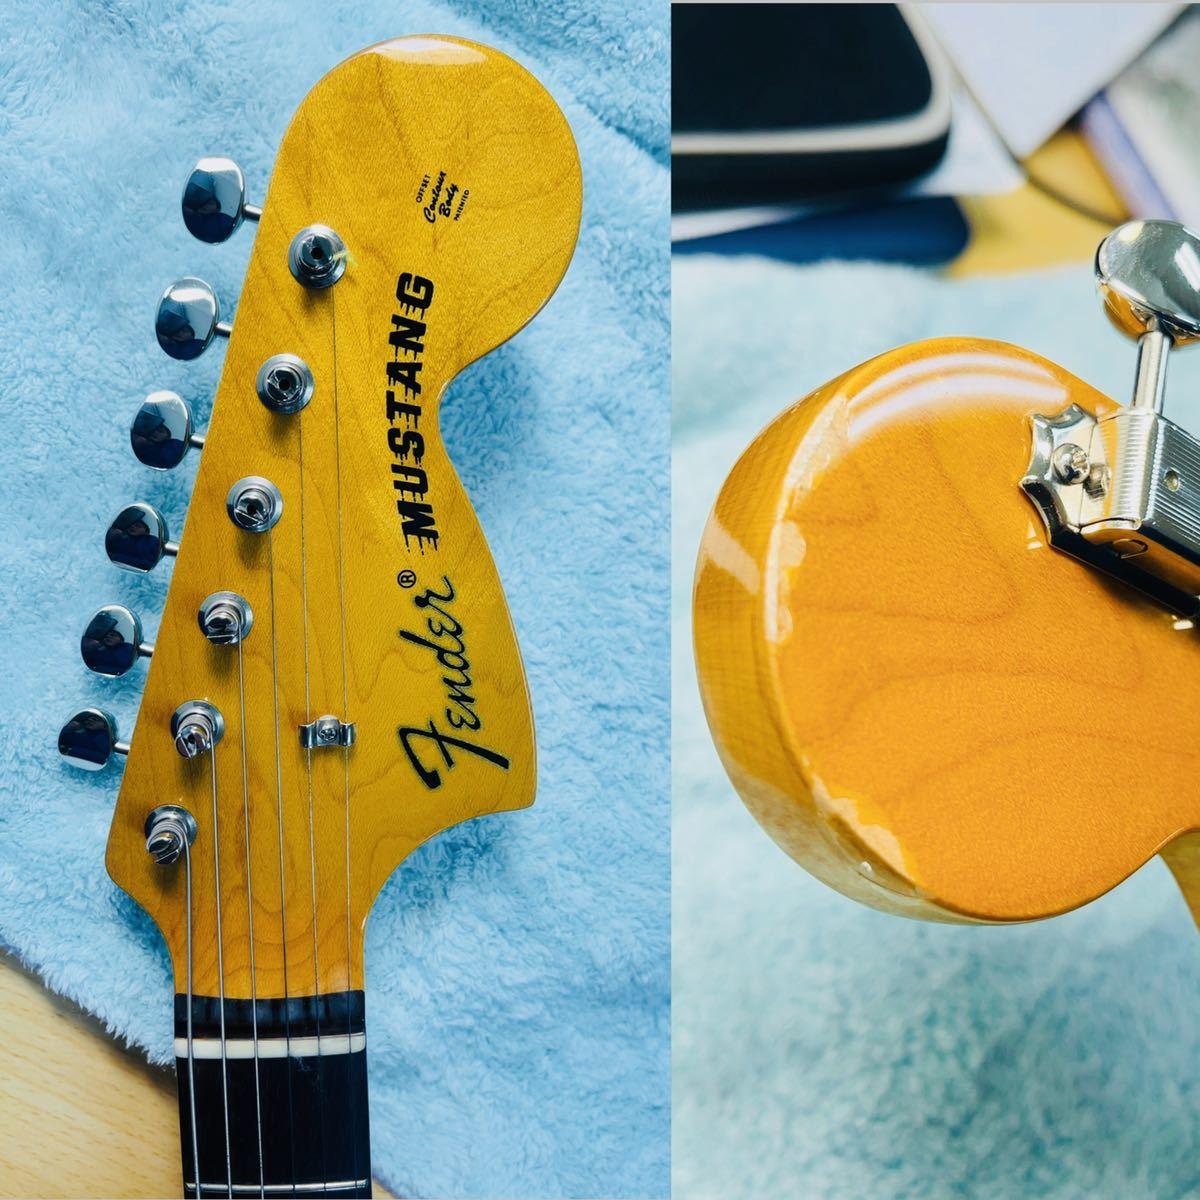 美品 Fender フェンダー MUSTANG エレキギター ムスタング U002928 肩掛けベルト ソフトケース付き_画像5